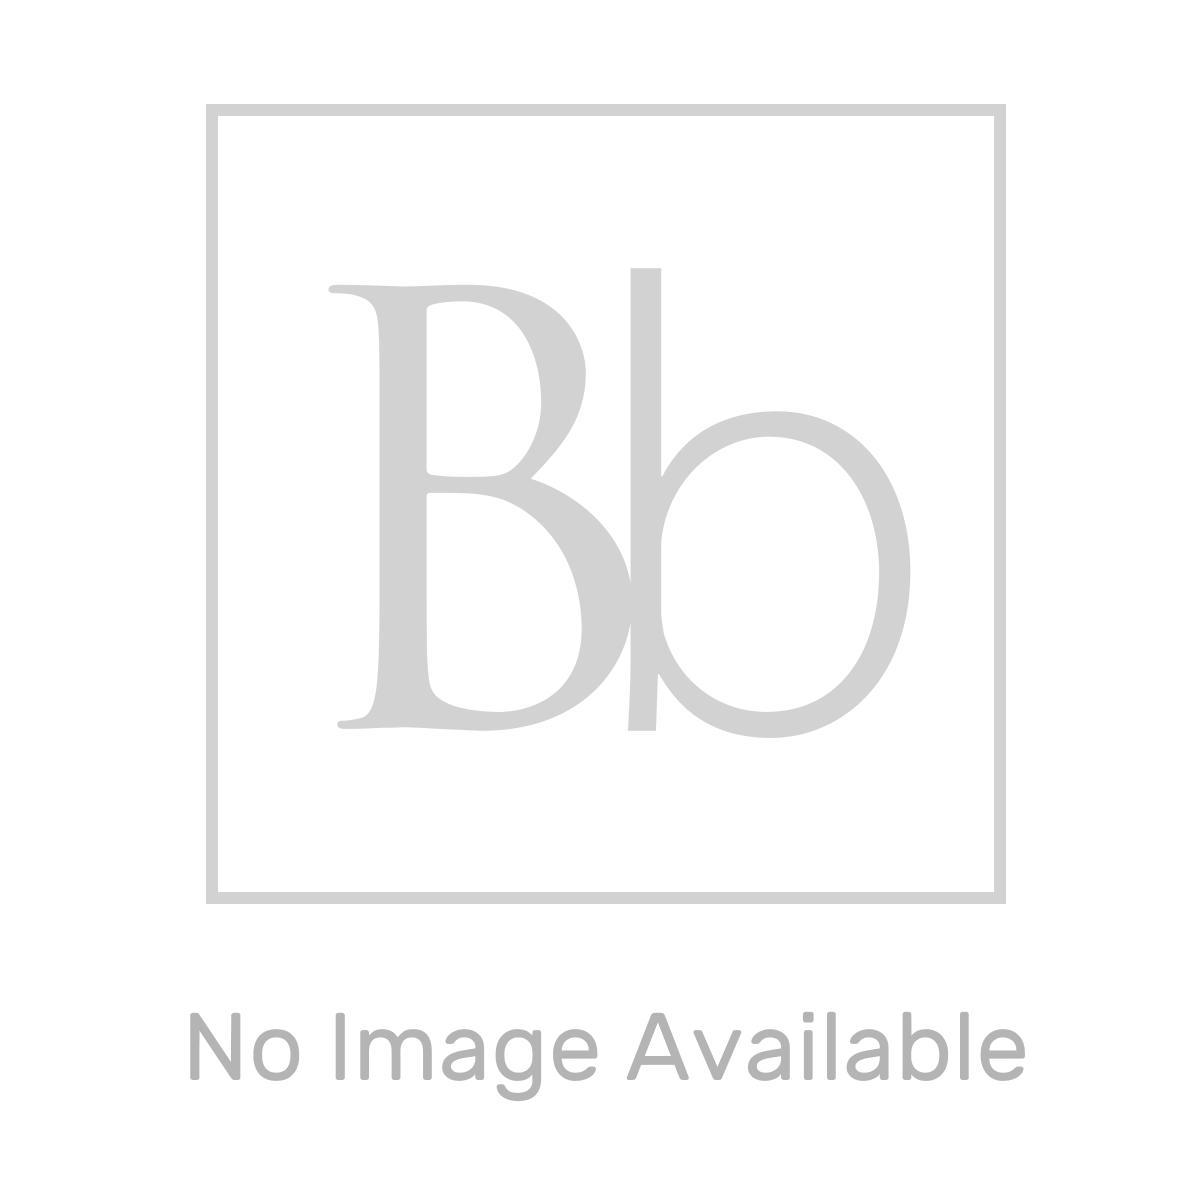 Kartell Encore White Laundry Unit 300mm